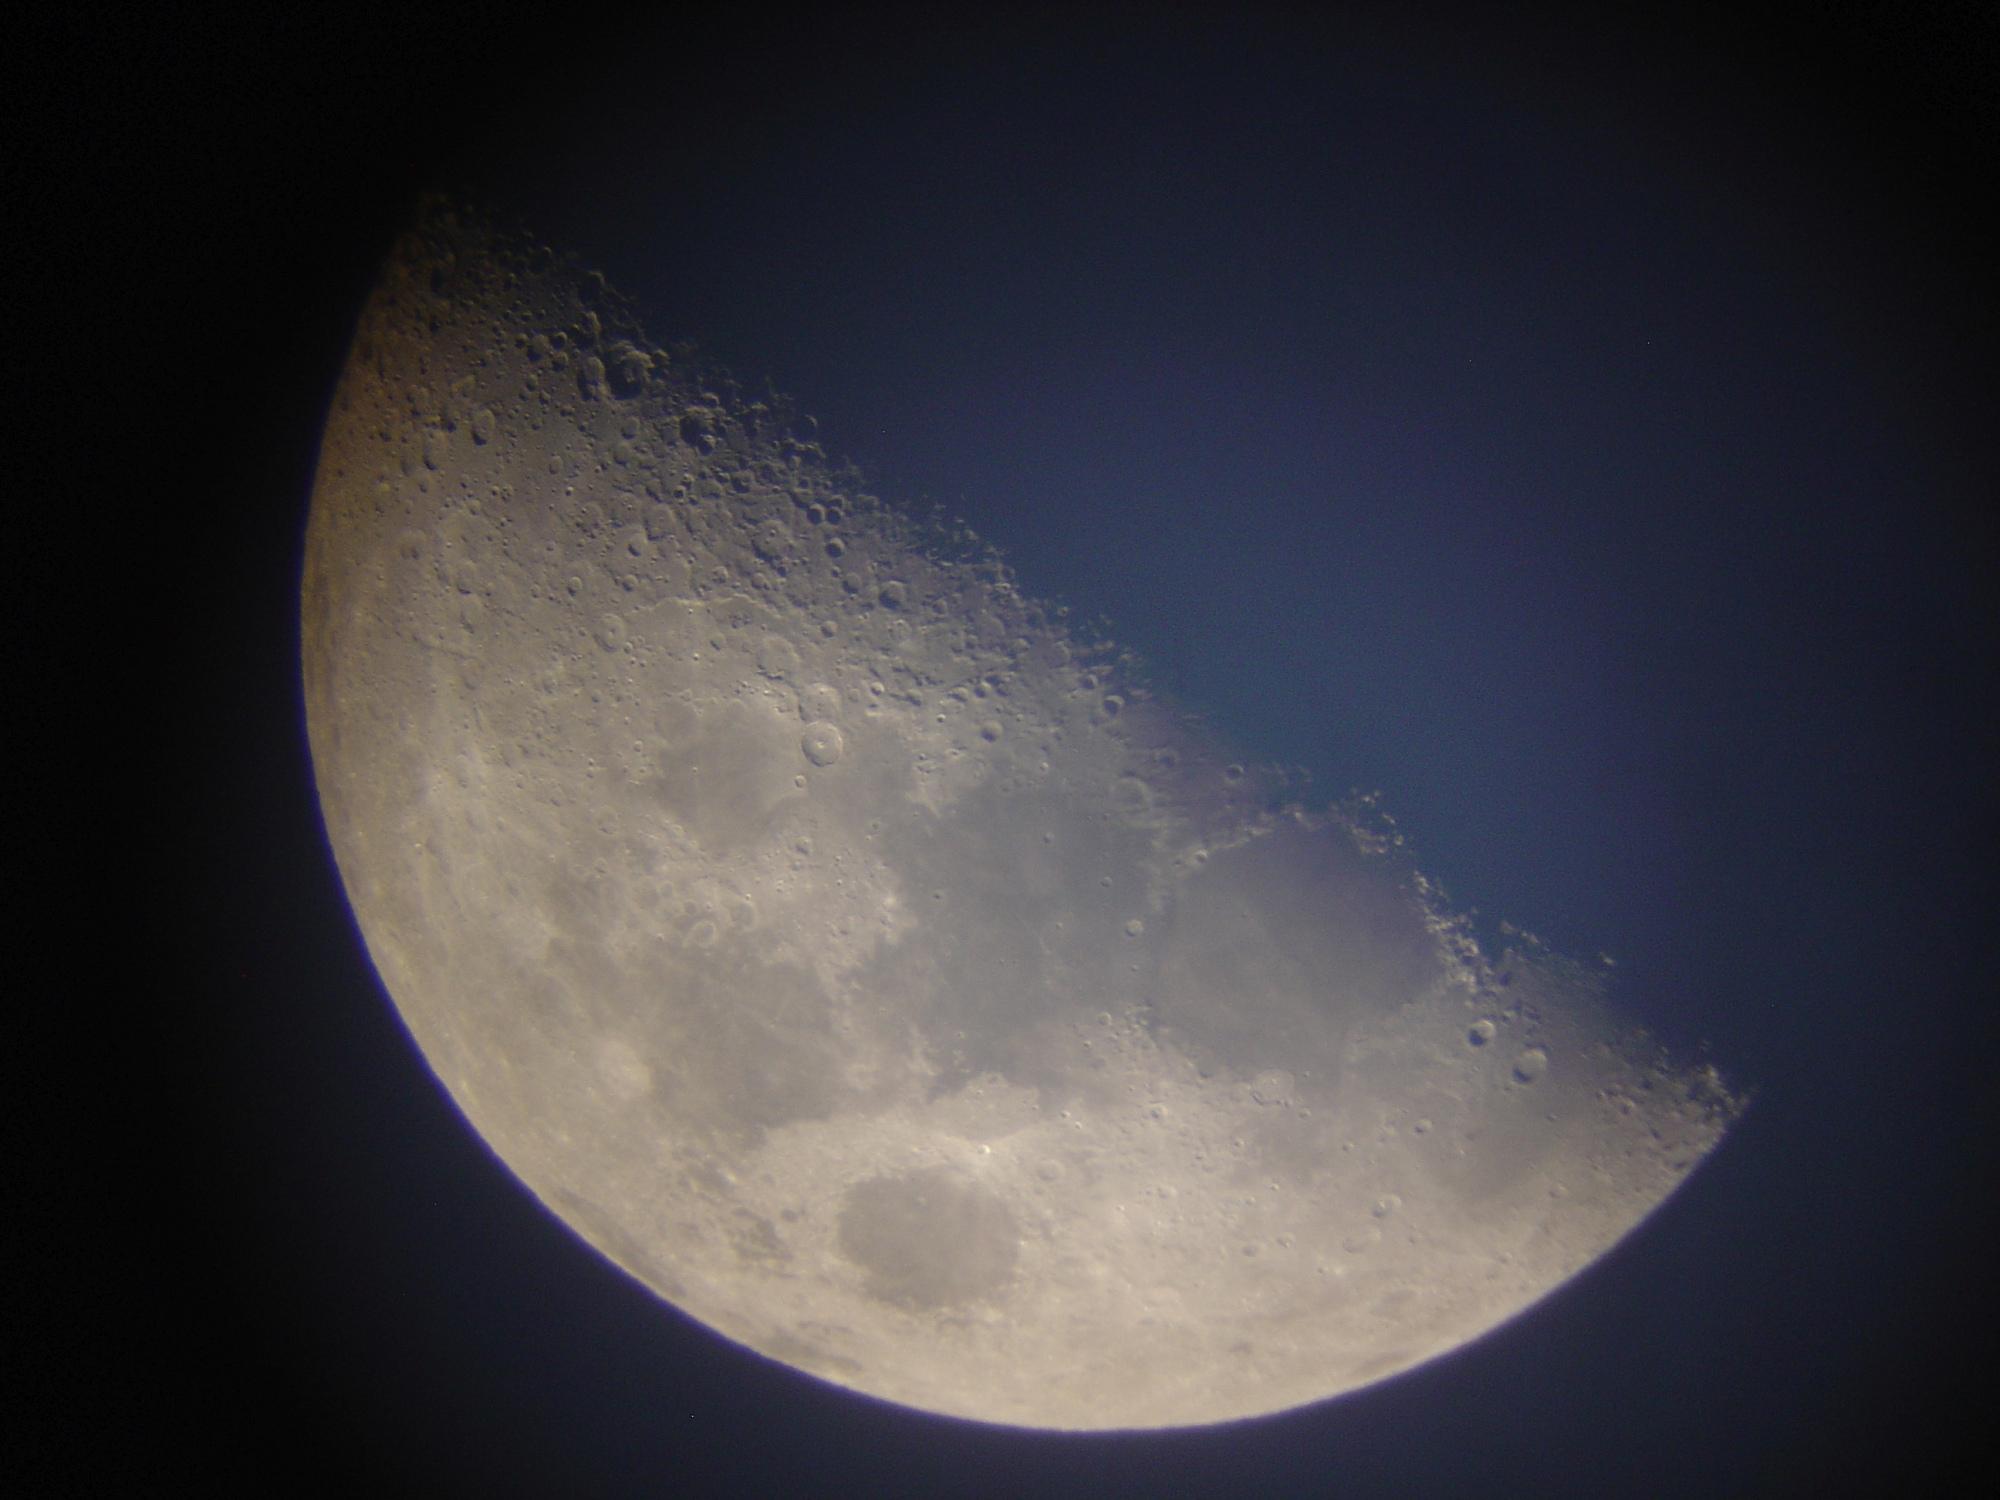 9 lune 150 newton nagler de 16 ou 9 bof3 .jpg